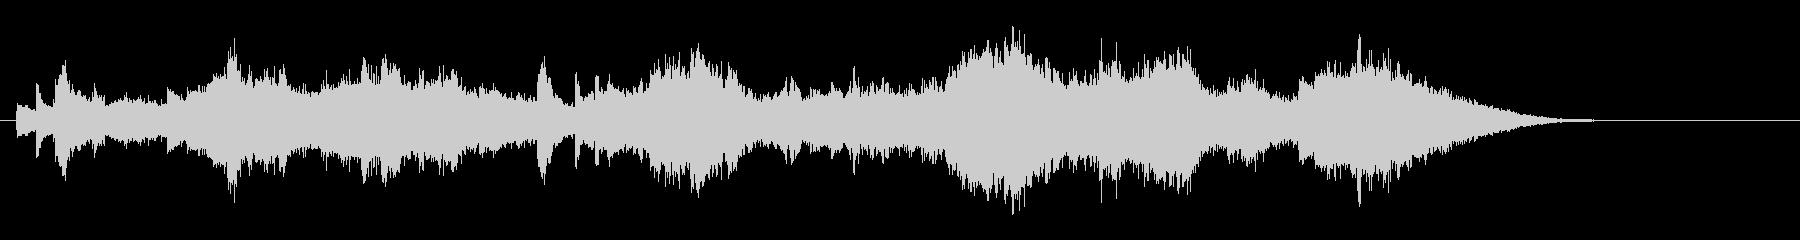 ストリングスとピアノの30秒曲の未再生の波形